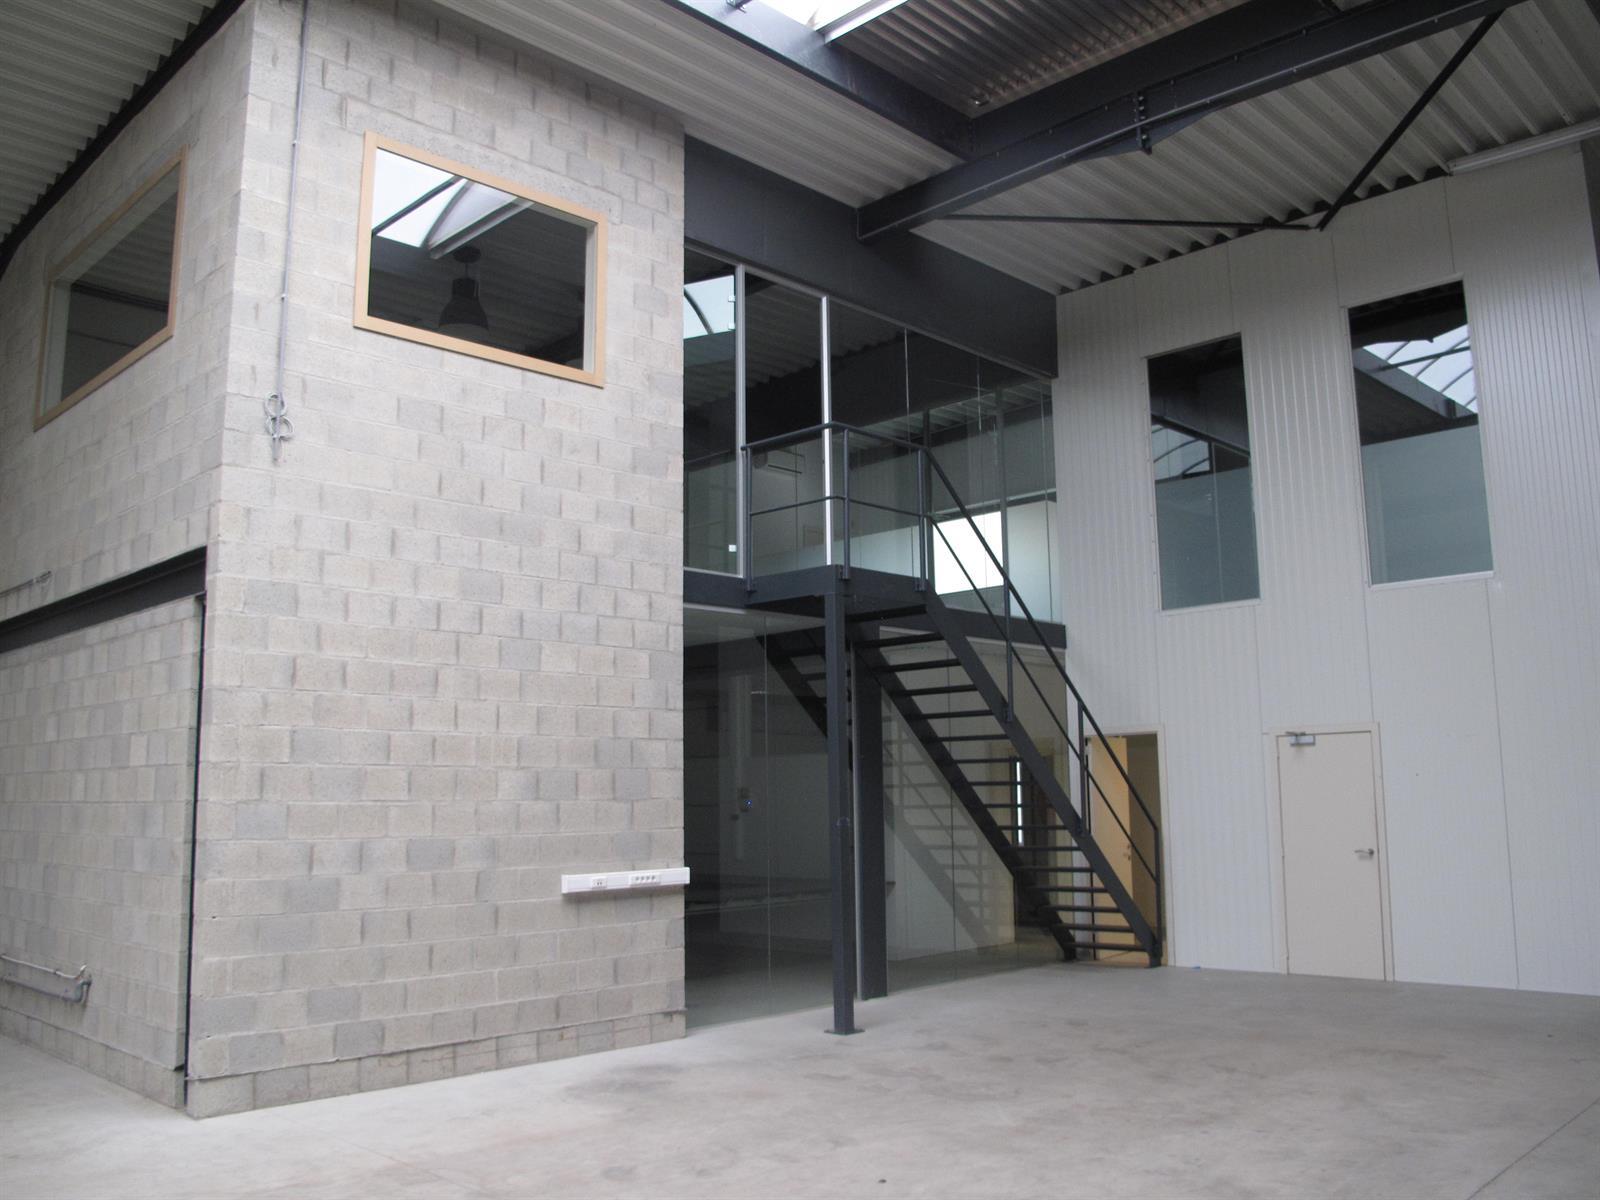 kantoren & magazijn te huur I136 - Oostmalsesteenweg  106 2A, 2520 Ranst Emblem, België 3